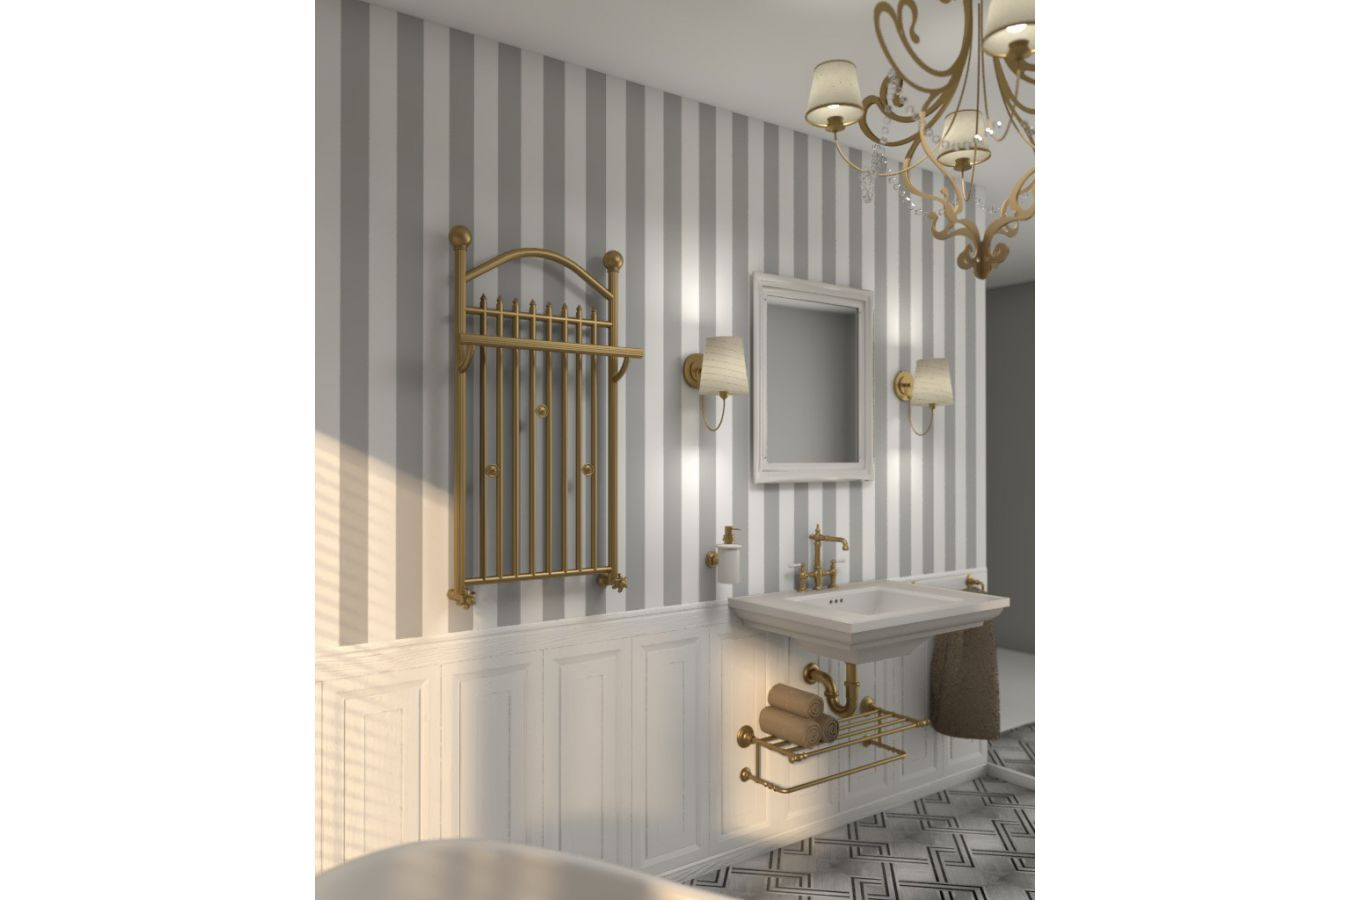 deko heizk rper f r badezimmer werter. Black Bedroom Furniture Sets. Home Design Ideas